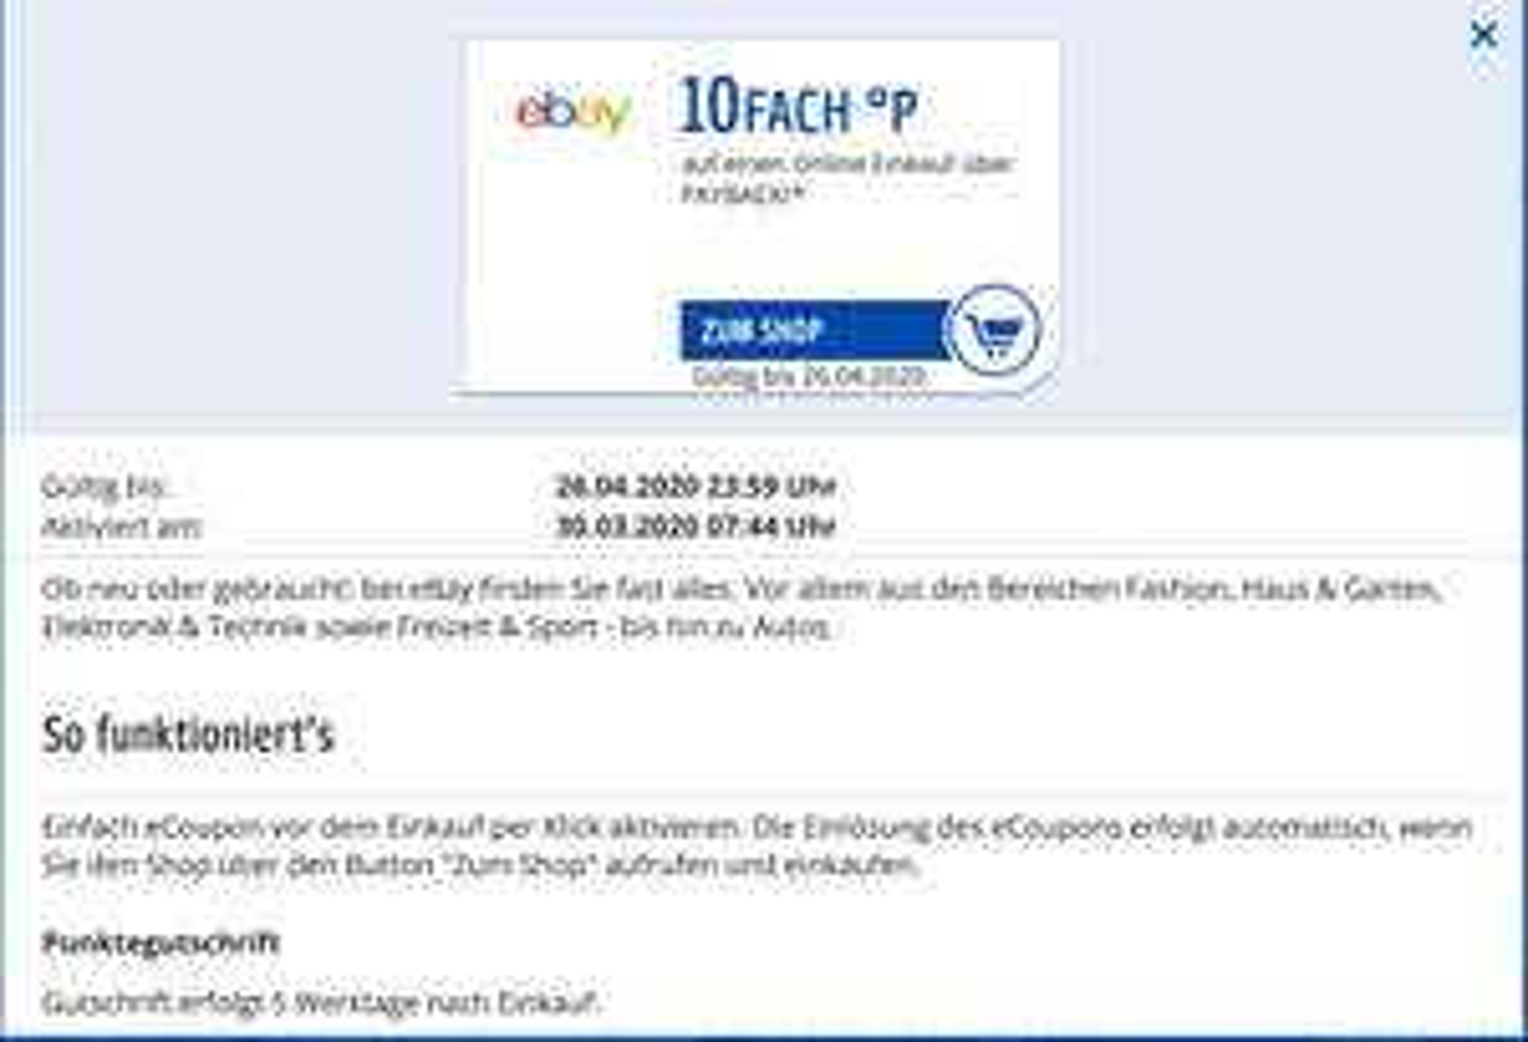 (Payback personalisiert) 10 fach Punkte bei Ebay